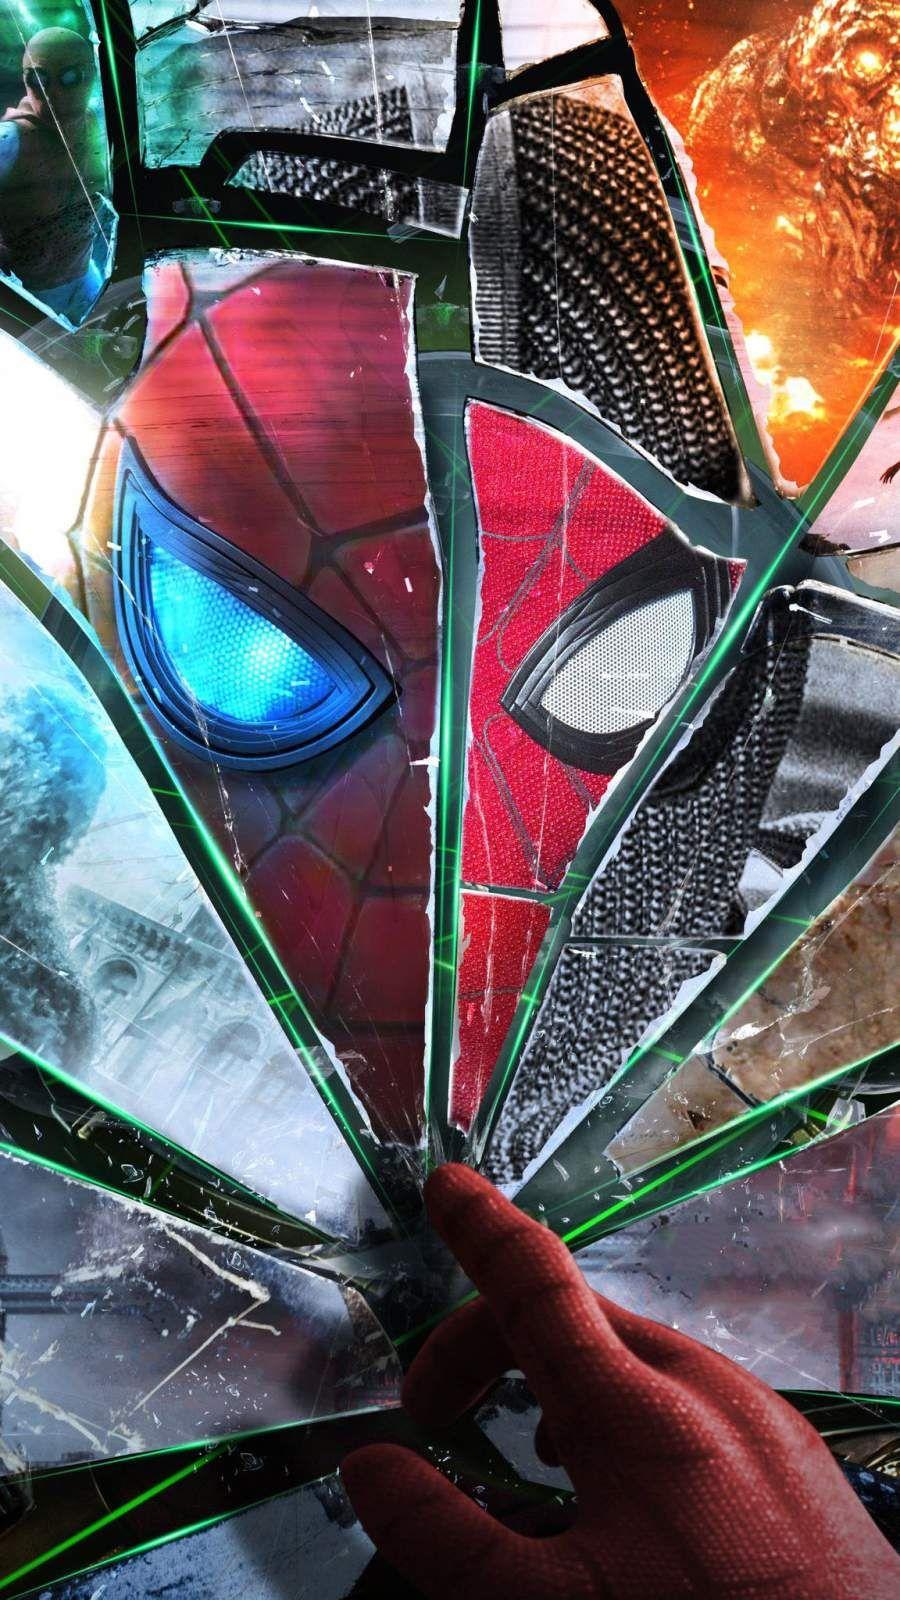 Spider Man Art Broken Glass IPhone Wallpaper wallpaper